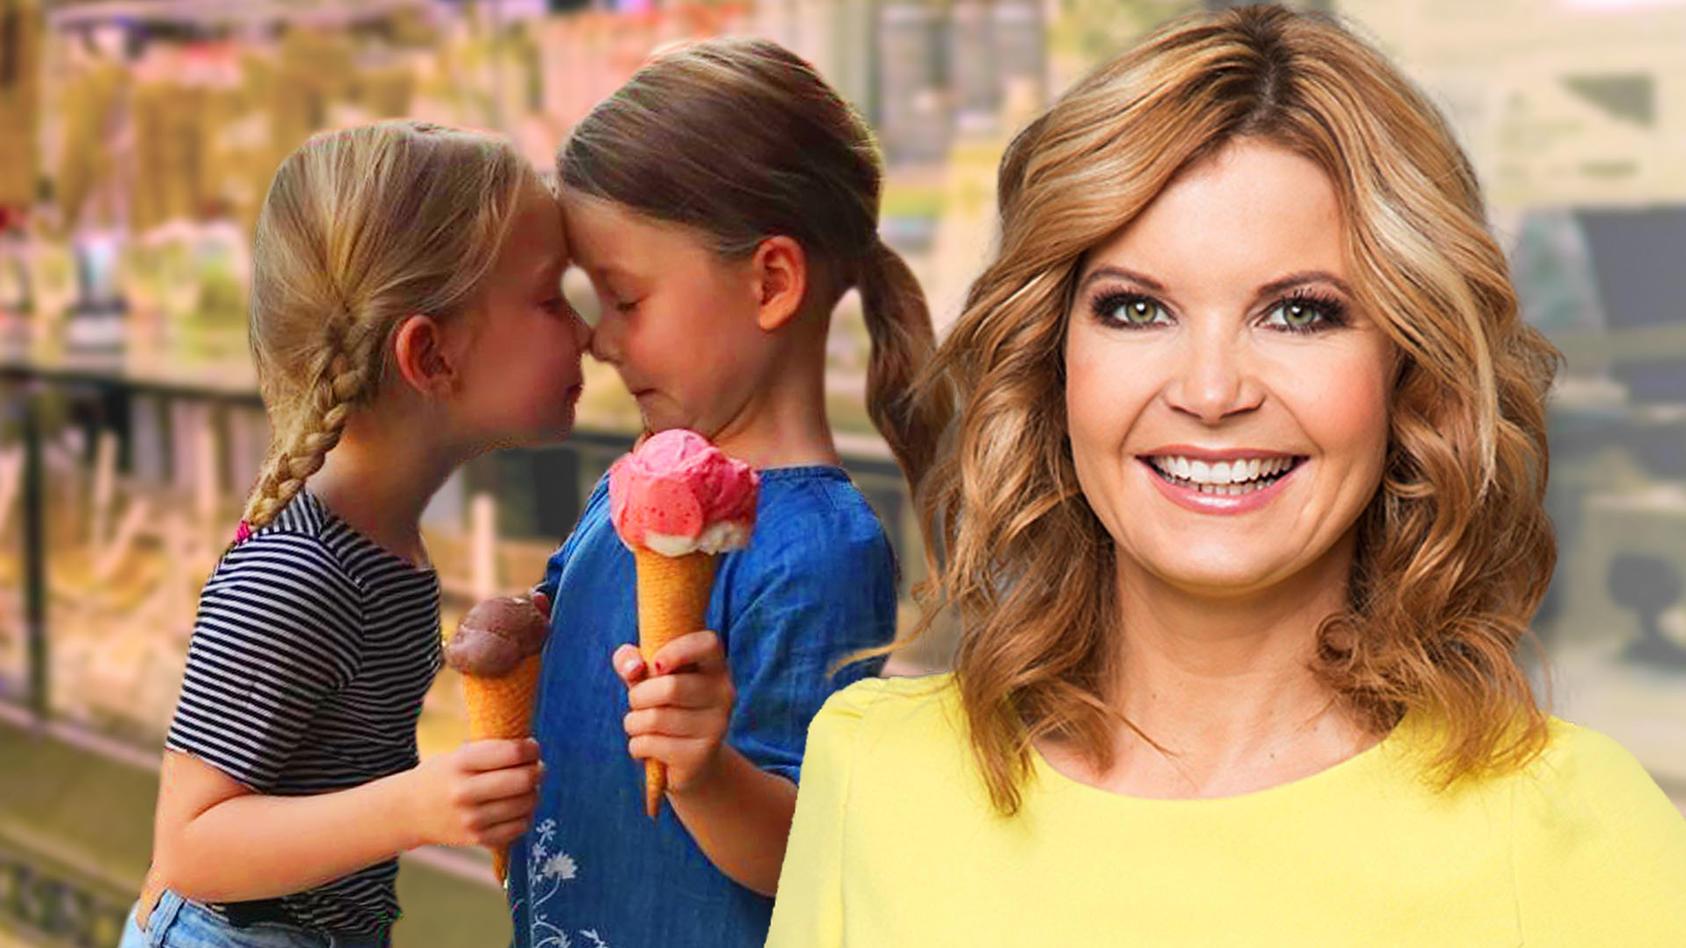 RTL-Moderatorin Eva Imhof zeigt ihr Zwillinge zwar im Netz, aber eben nur von der Seite.